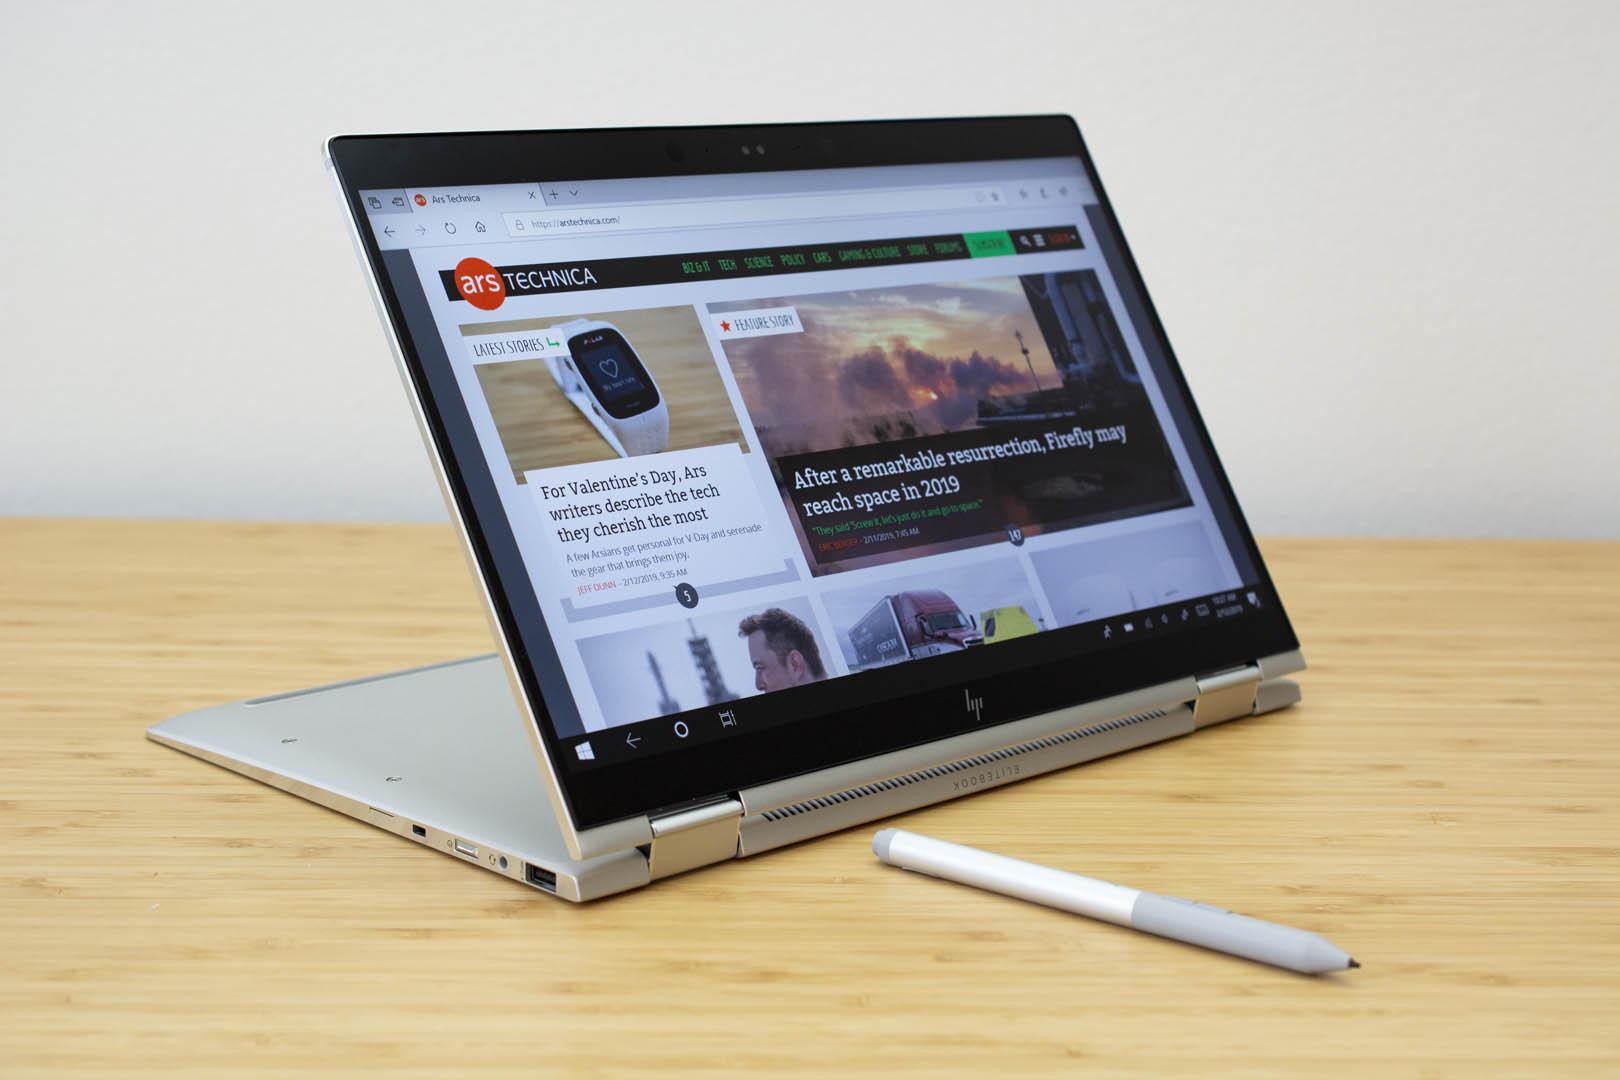 HP Elitebook x360 1040 G5 review: A little bit bigger, a